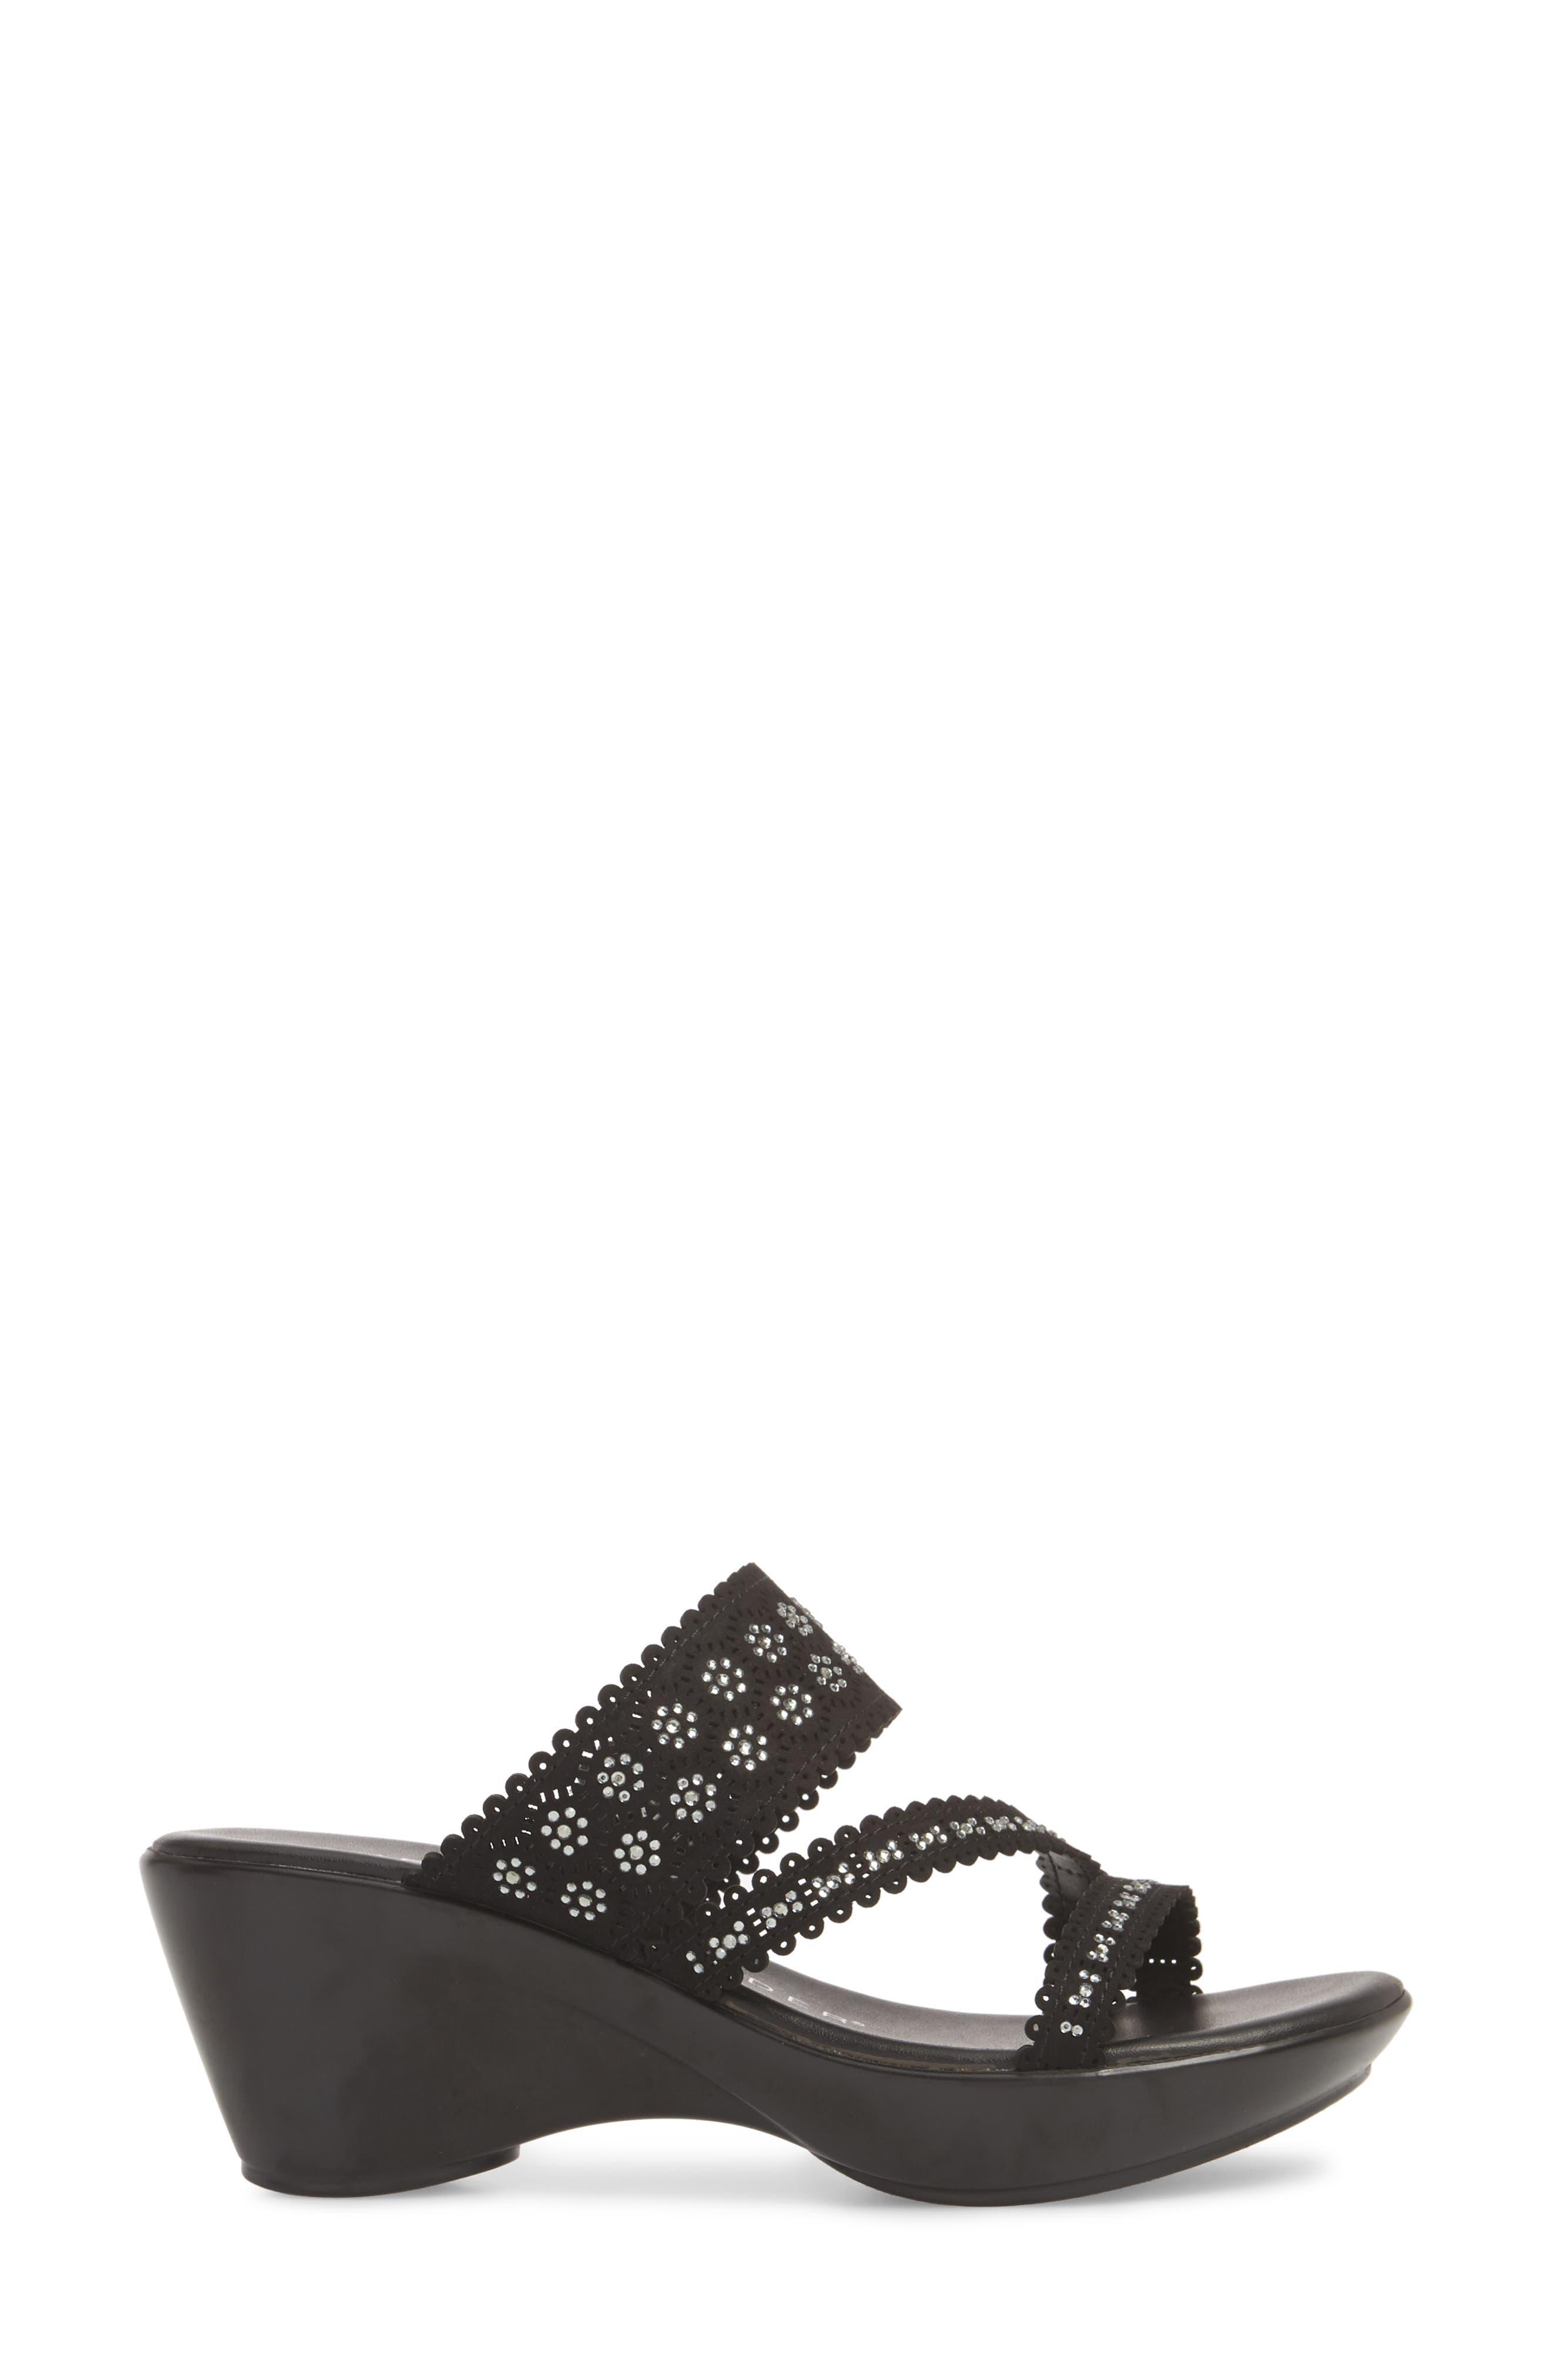 Poppy Wedge Sandal,                             Alternate thumbnail 5, color,                             Black Fabric